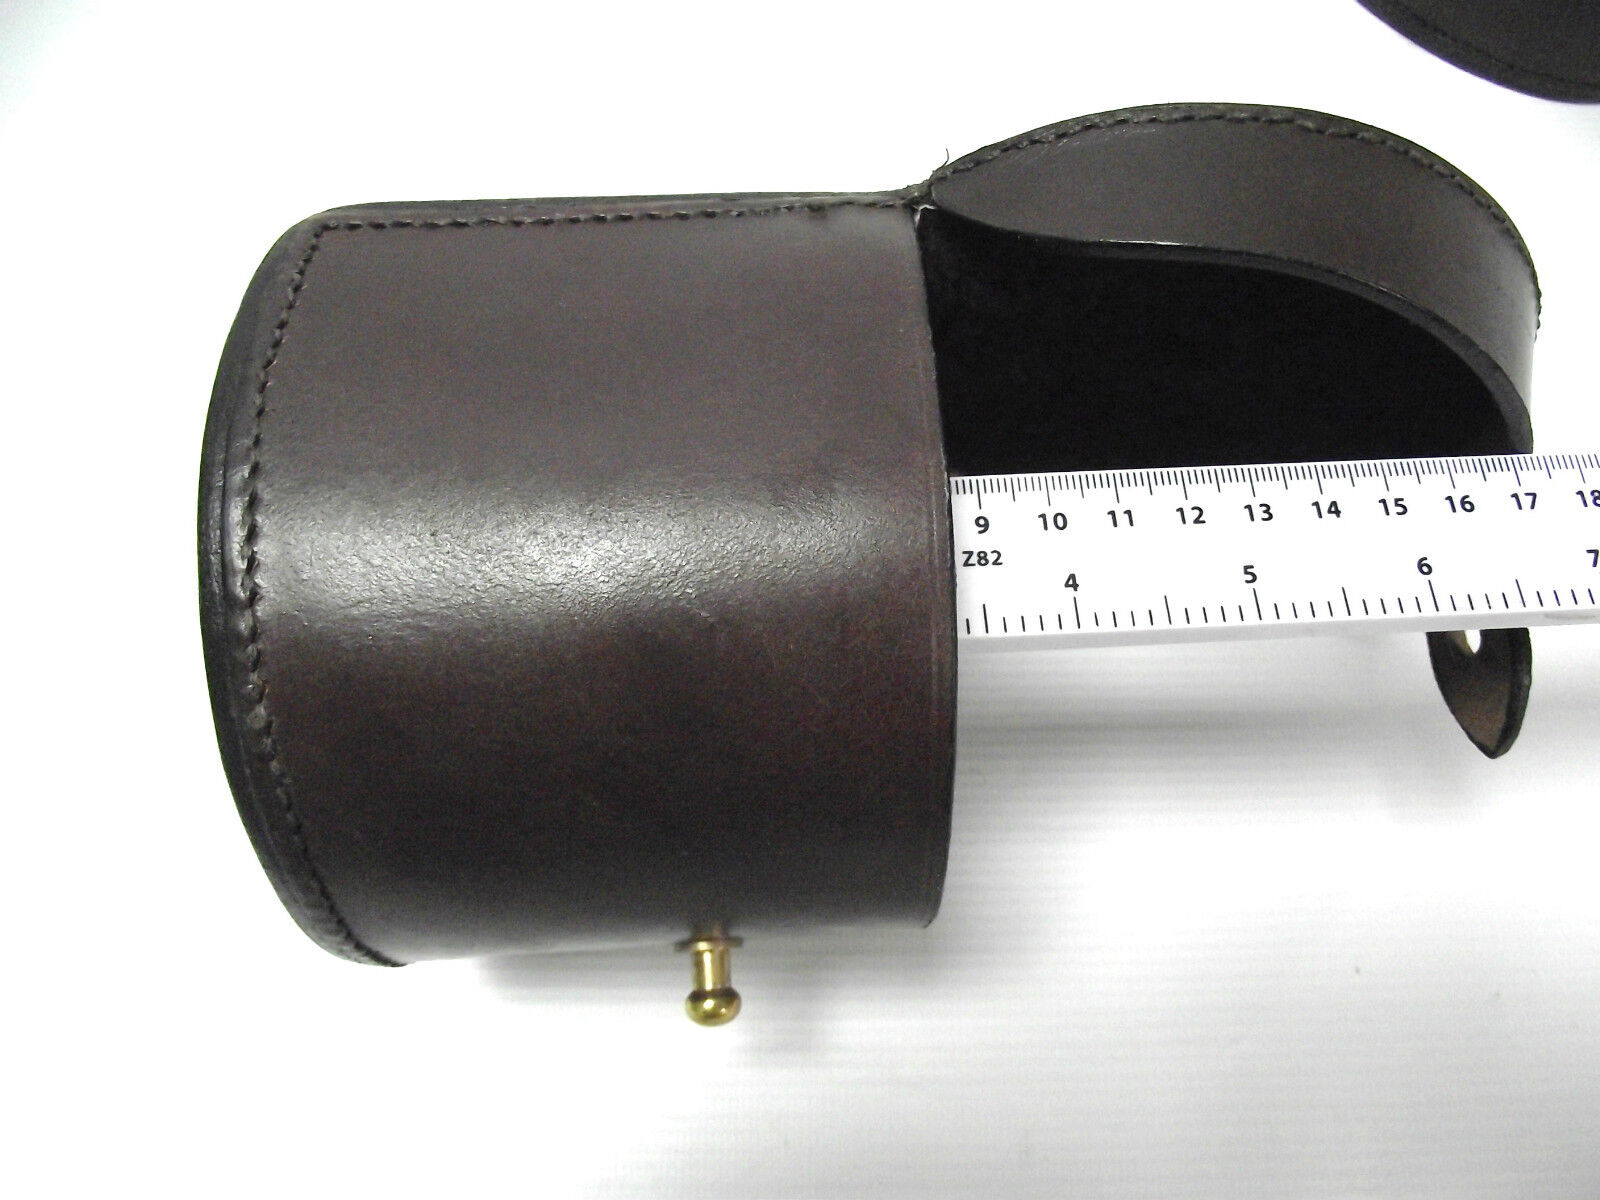 Echtleder Angelrollen-Behälter Geringe Größe, Option Option Option zu Personalisieren d9079d